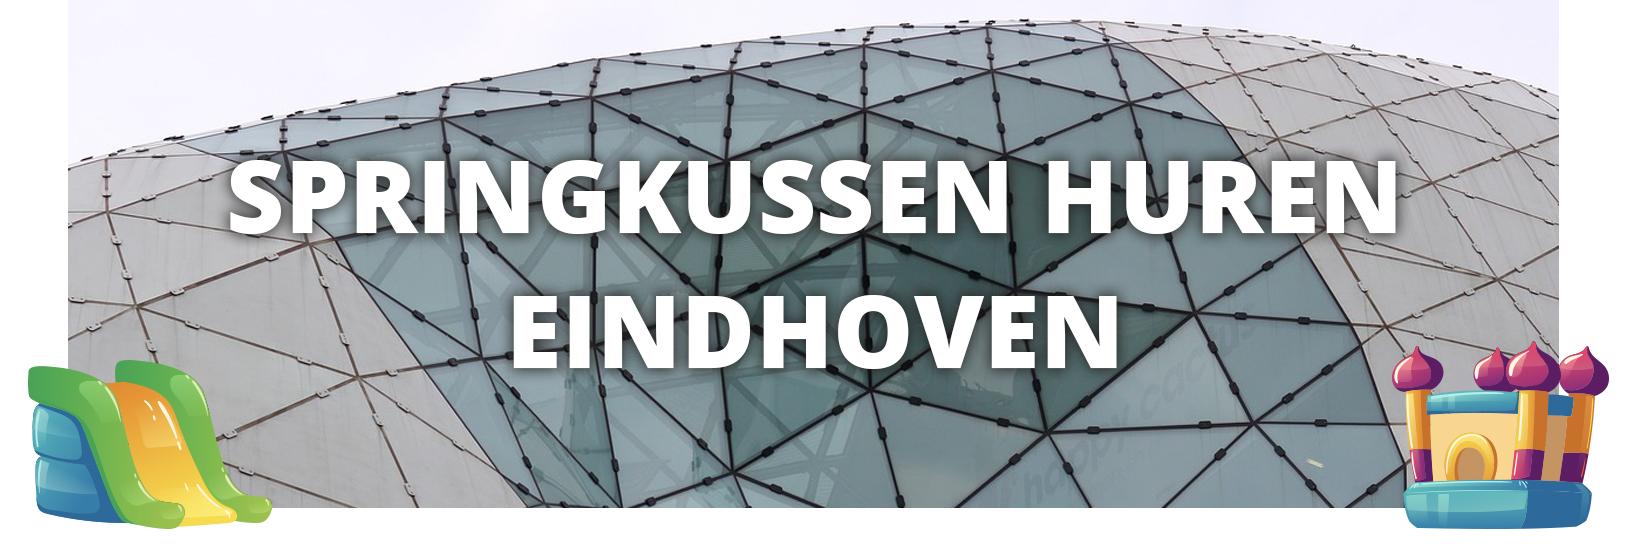 Springkussen huren Eindhoven